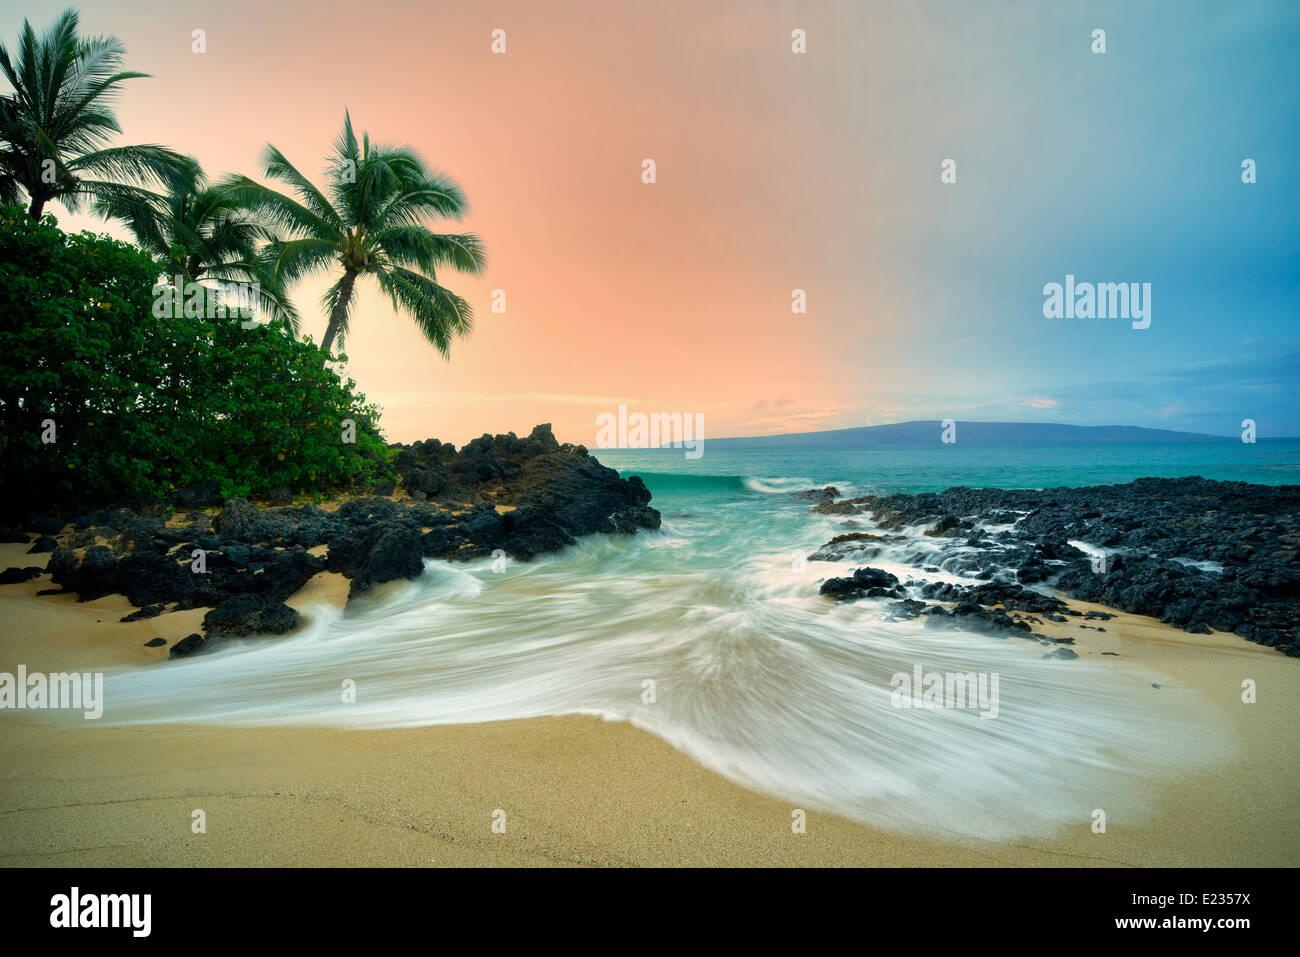 Plage isolée avec des palmiers et le lever du soleil. Maui, Hawaii Banque D'Images